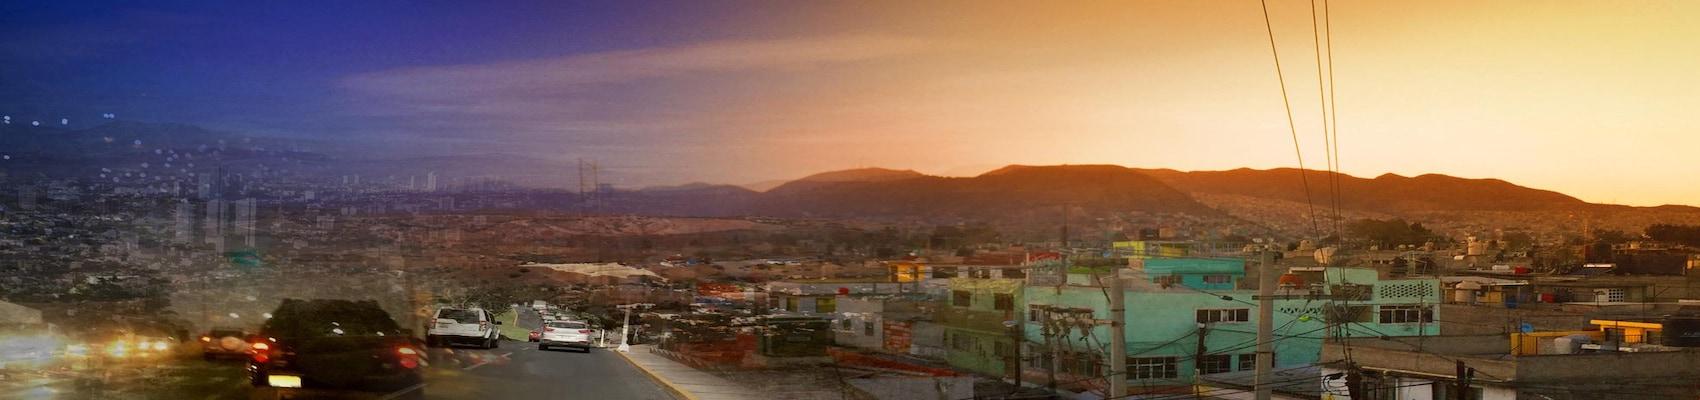 Le Mexique, entre l'ombre et la lumière